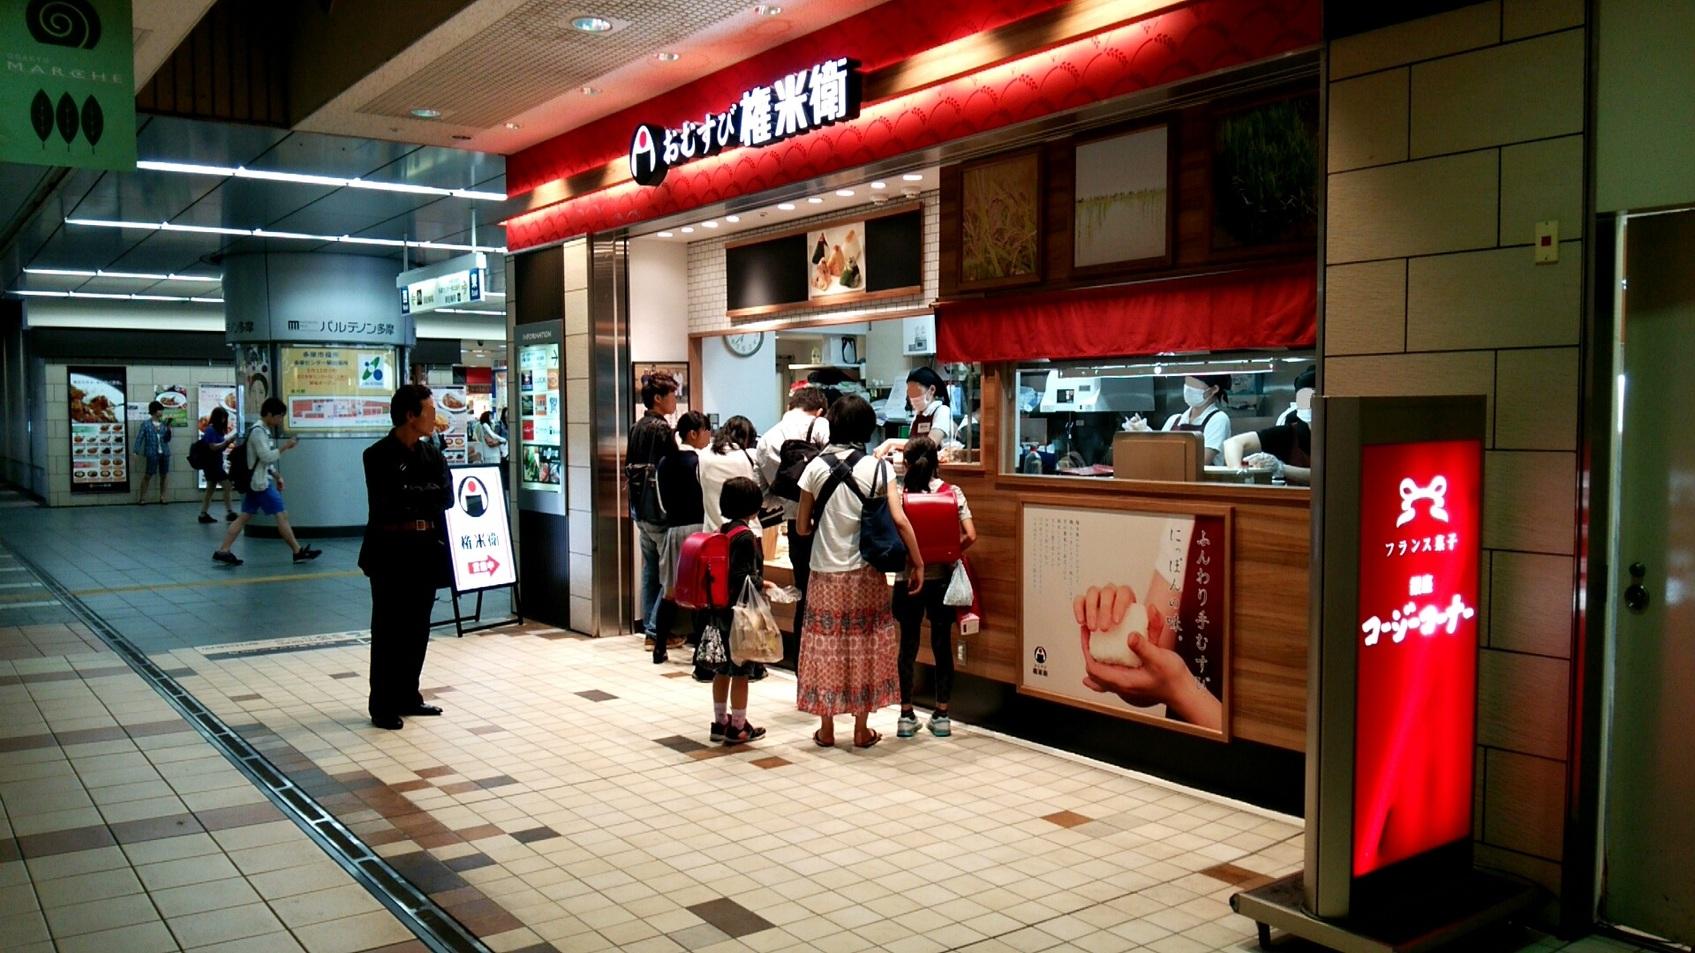 おむすび権米衛 京王多摩センターSC店